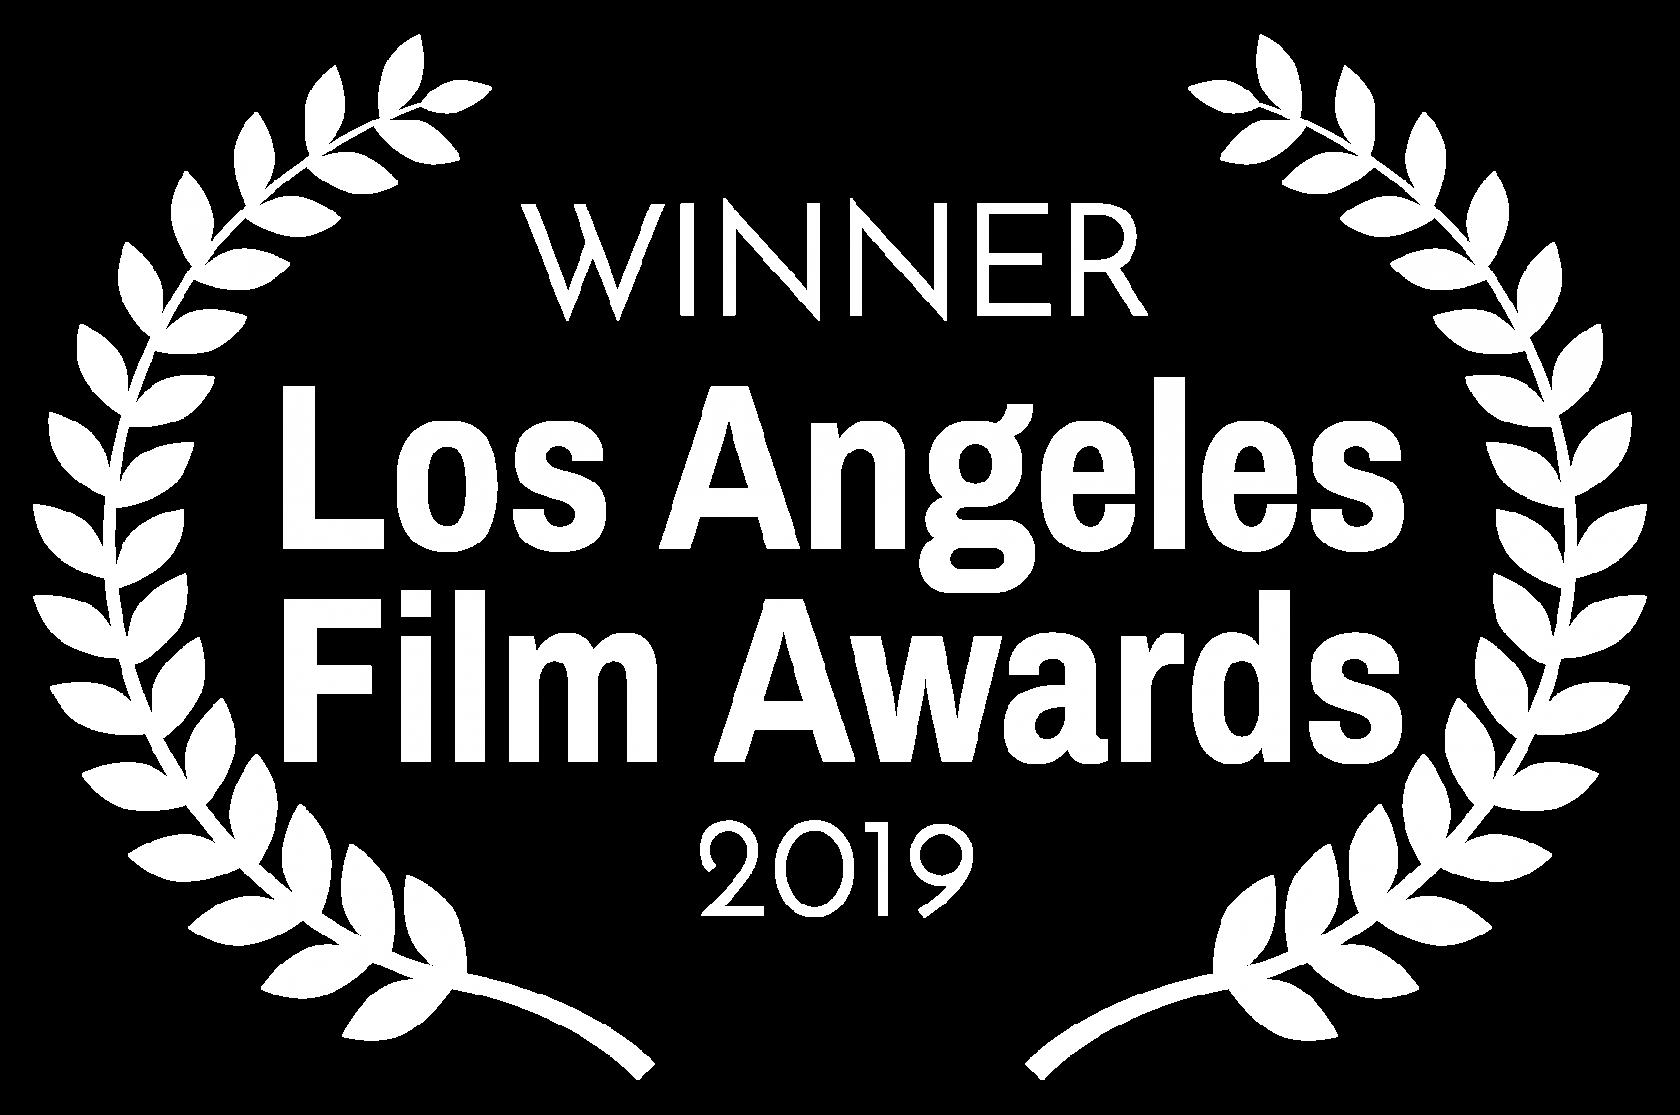 WINNER – Los Angeles Film Awards – 2019